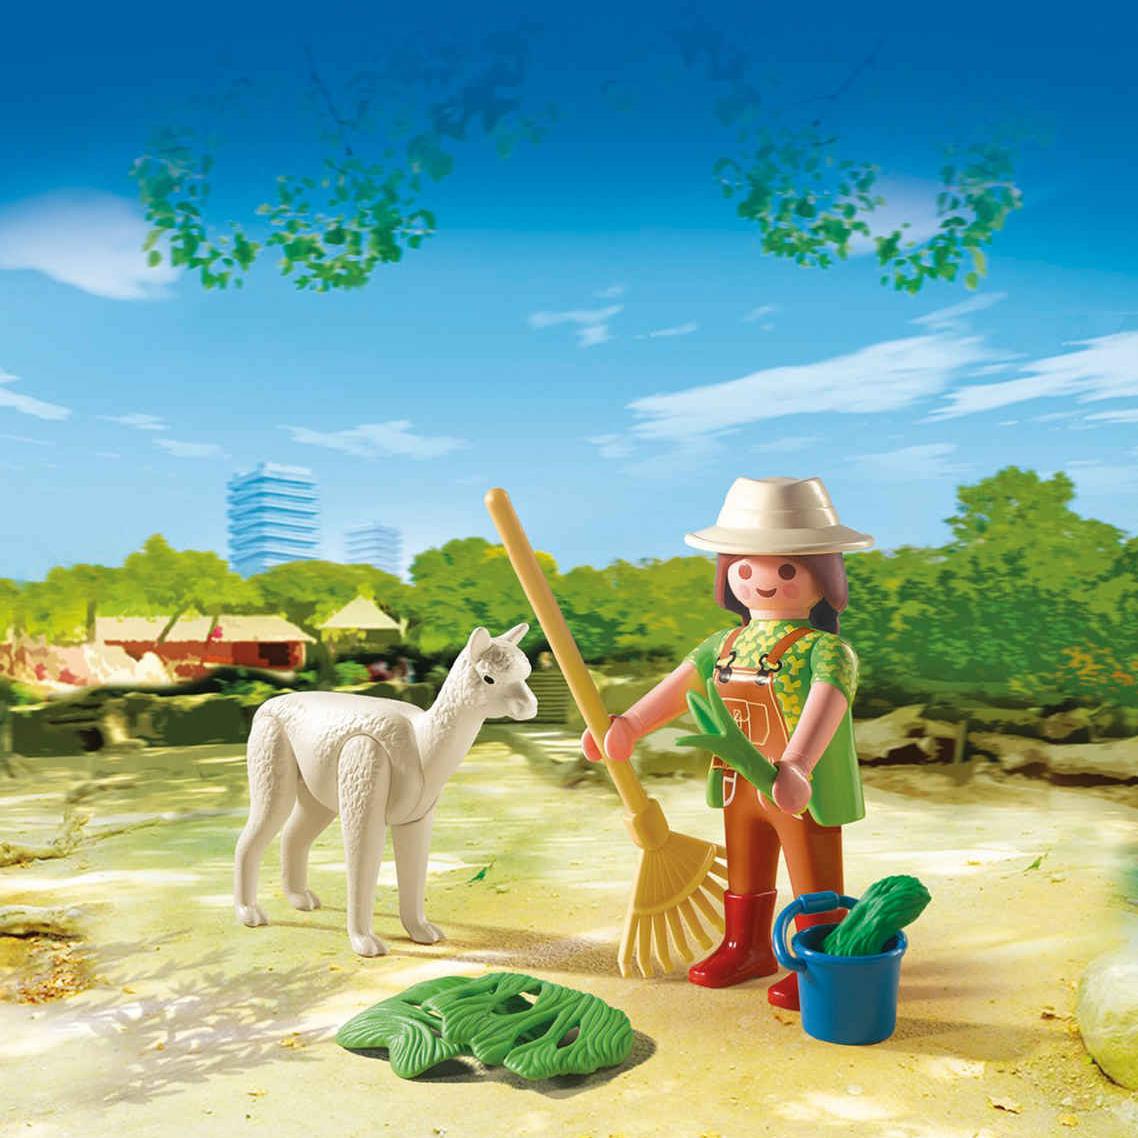 Playmobil: 15% Rabatt auf das gesamte Sortiment bei Galeria - z.B. Osterei für 2 €